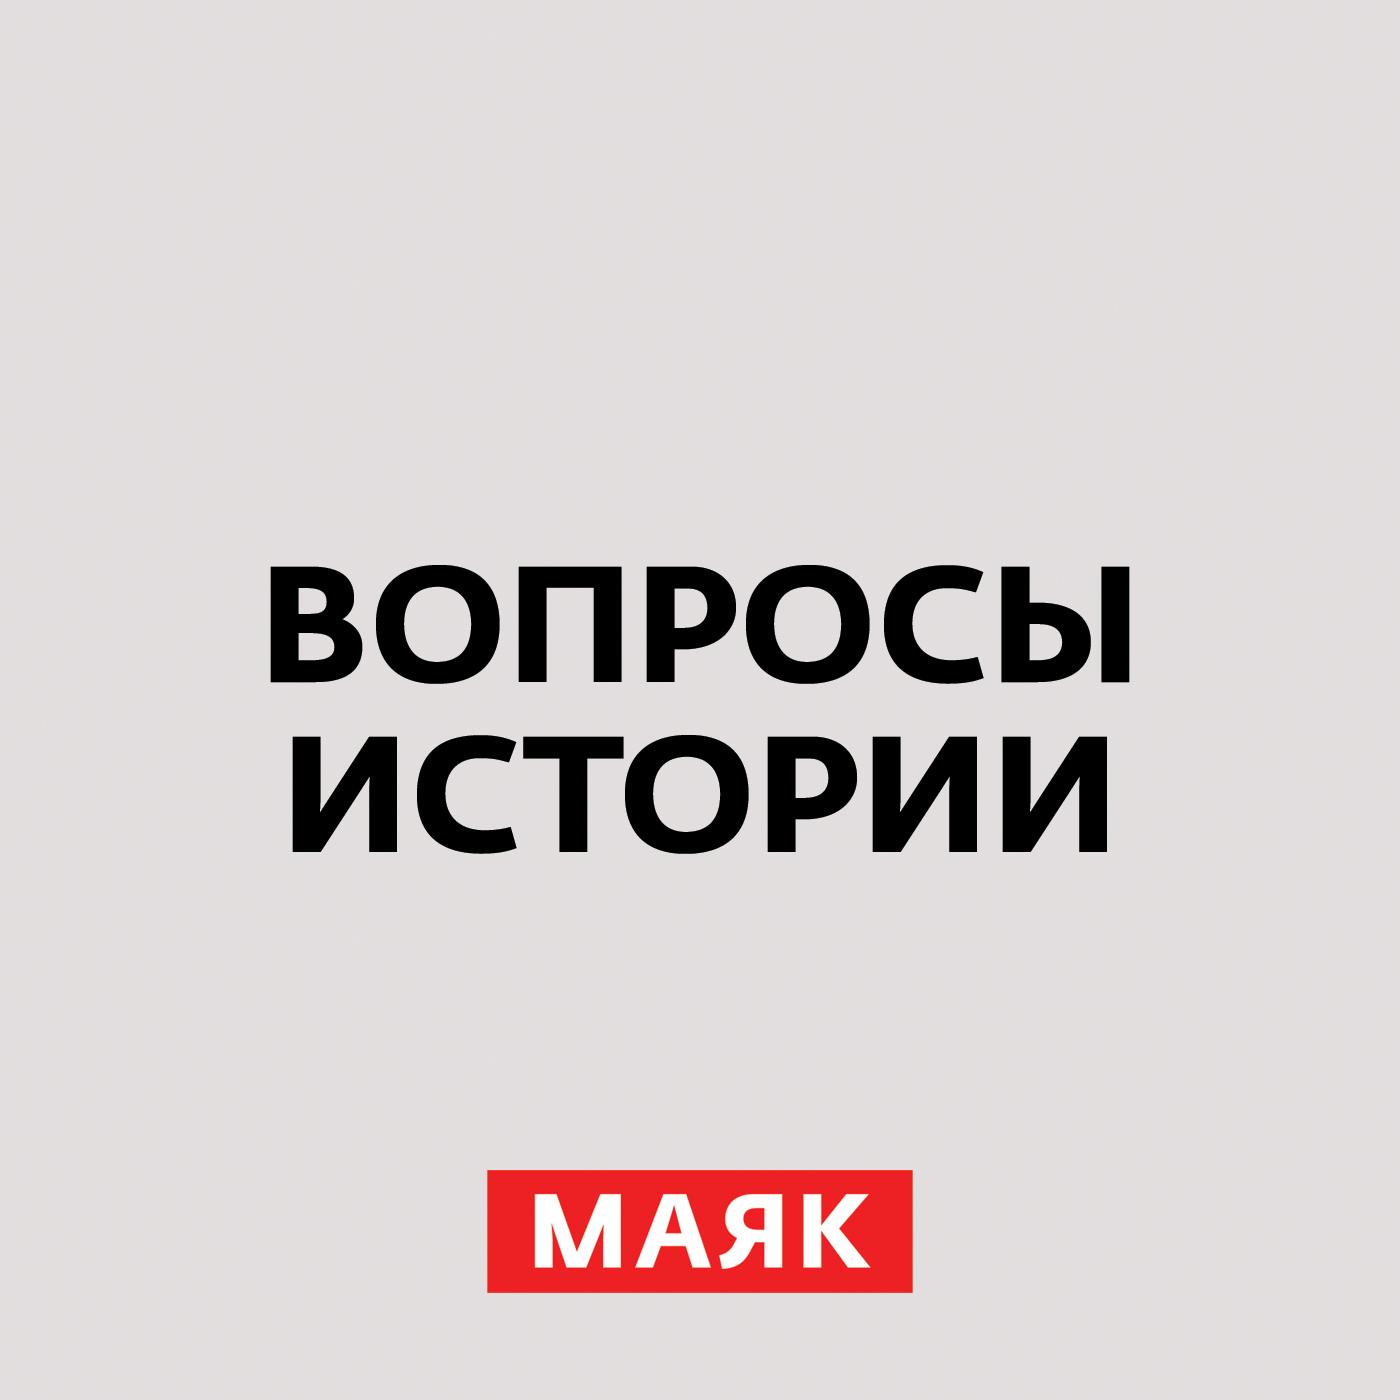 Андрей Светенко Атака мертвецов – яркий пример победы психологии над химоружием футболка атака мертвецов